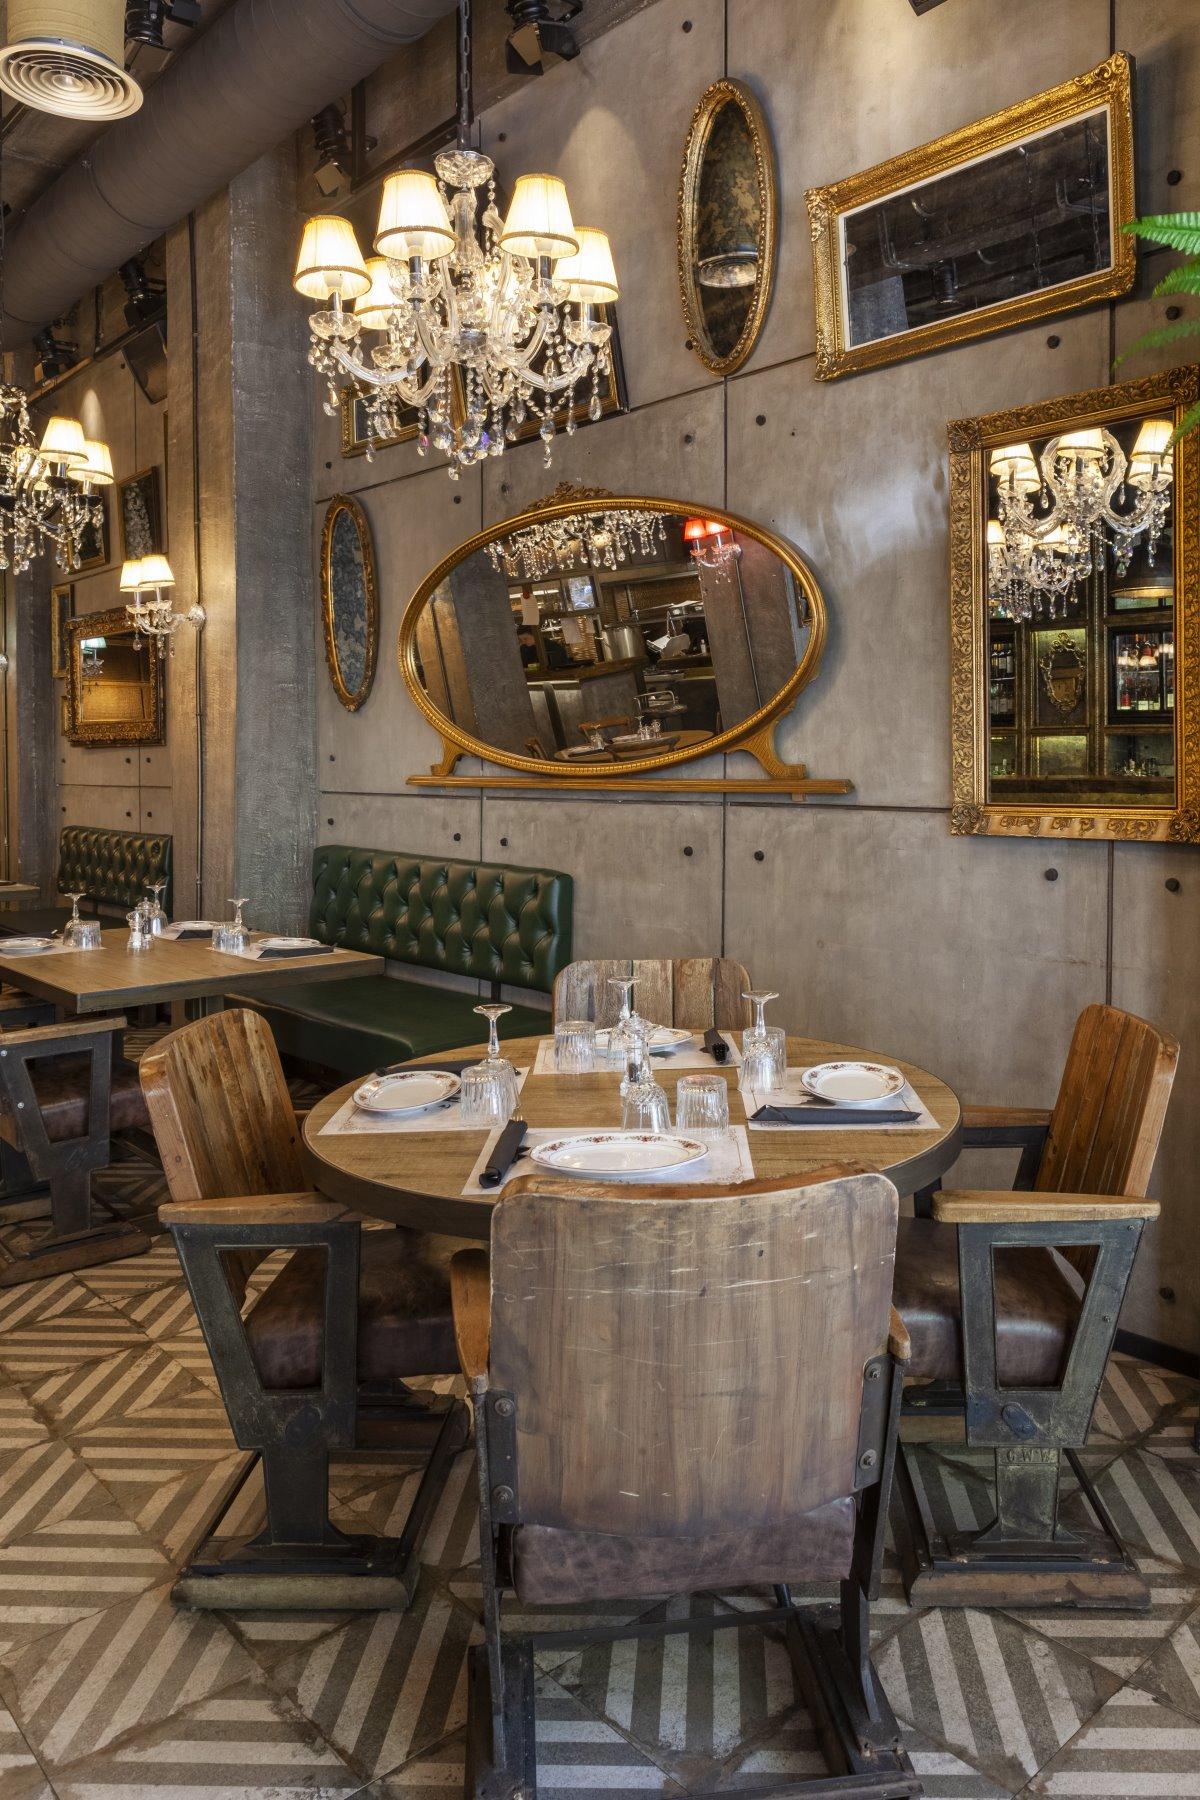 Εξαιρετικός ο εσωτερικός χώρος, του εστιατορίου Italida στον Πειραιά